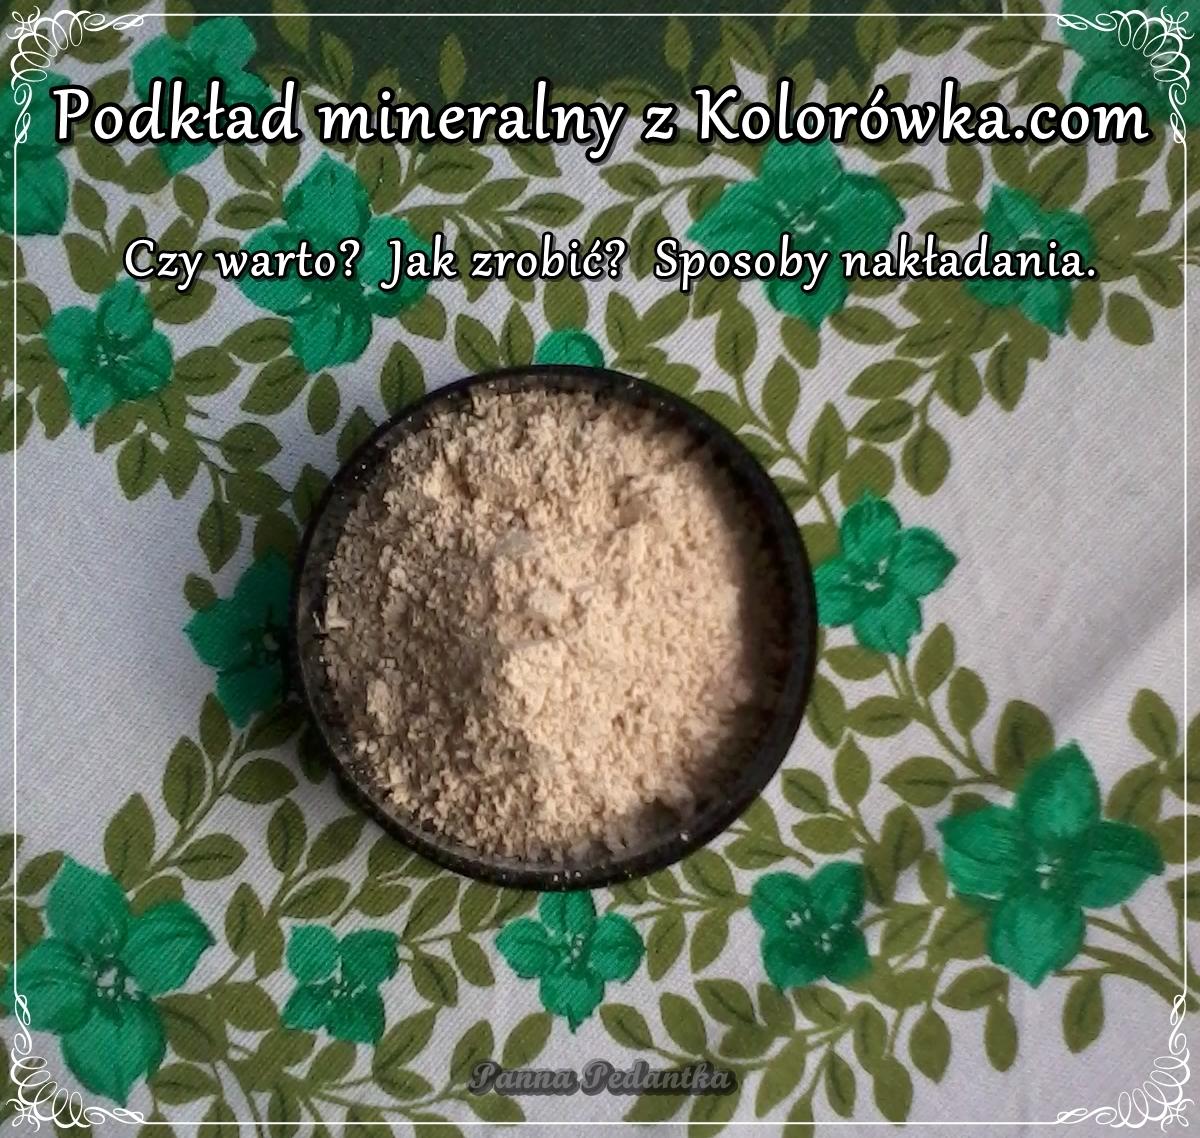 http://panna-pedantka.blogspot.com/2013/06/jak-zrobic-sobie-podkad-mineralny.html